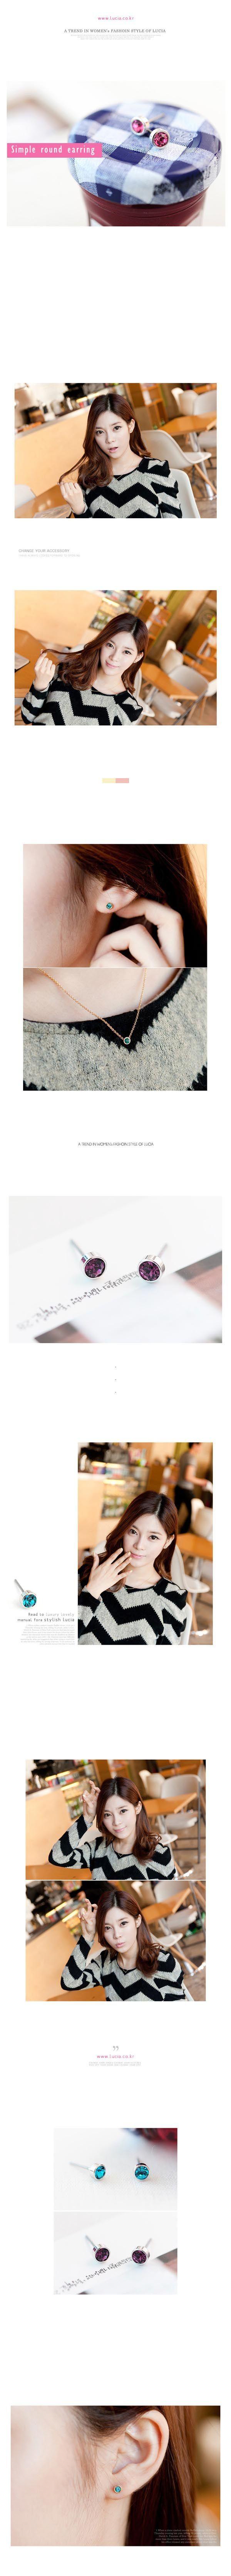 Mignon femmes boucles d'oreilles charme boucles d'oreilles oreille Stud brillant strass boucles d'oreilles bijoux Accessoires multicolore Simple cristal autrichien boucle d'oreille 5mm